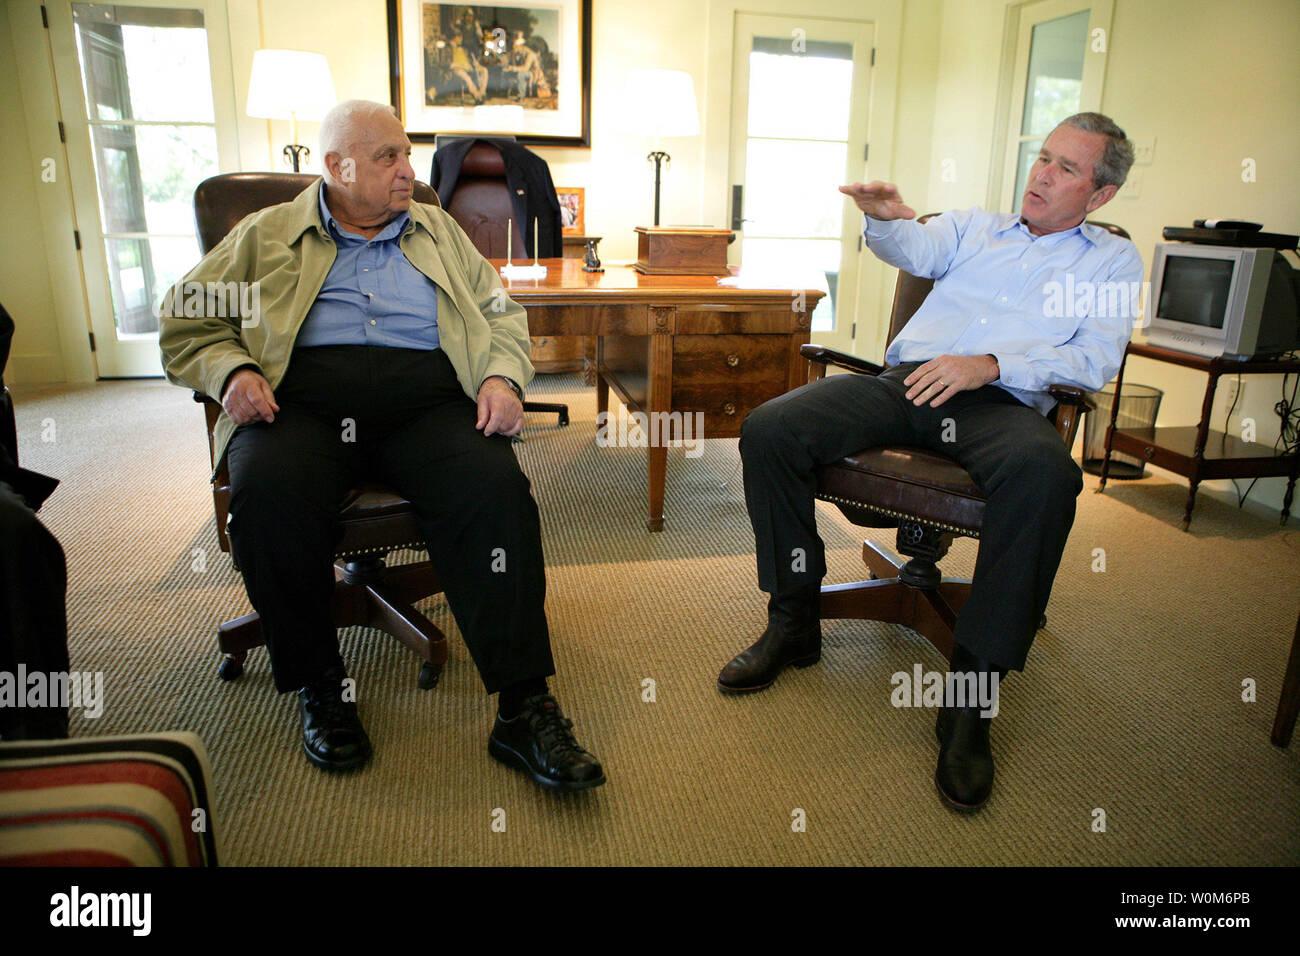 Il Presidente George W Bush sottolinea un punto come egli condivide un momento con Israele il Primo Ministro Ariel Sharon Sharon durante la visita del 11 aprile 2005, il Presidente nel suo ranch a Crawford, Texas. (UPI foto/White House/Eric Draper) Immagini Stock